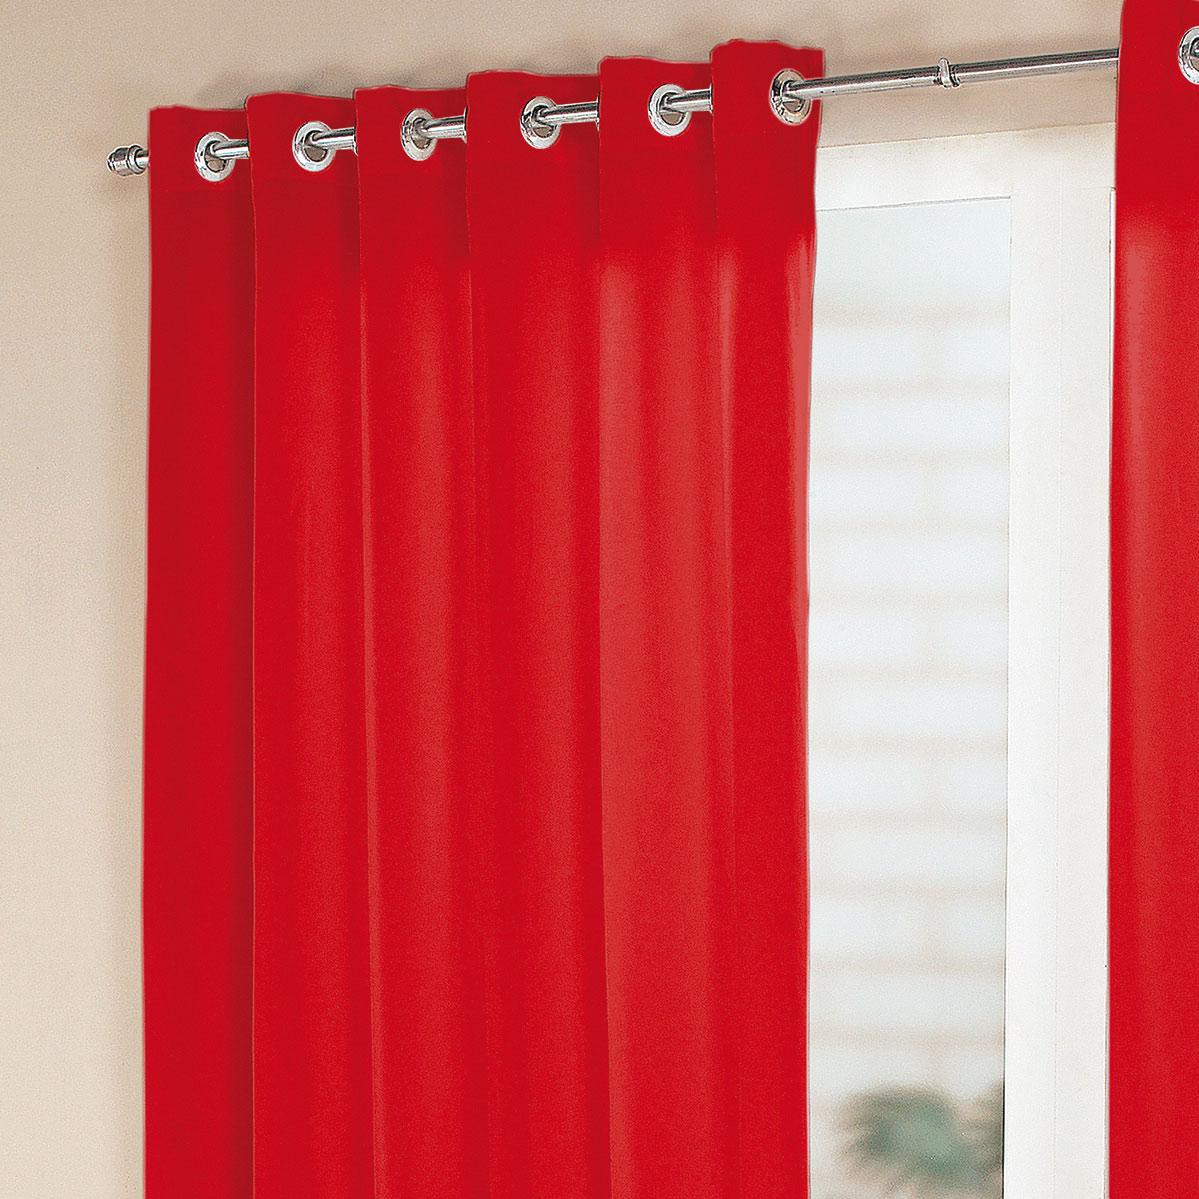 Cortina sala e quarto vermelho tecido cortelano algodao e for Aros de plastico para cortinas